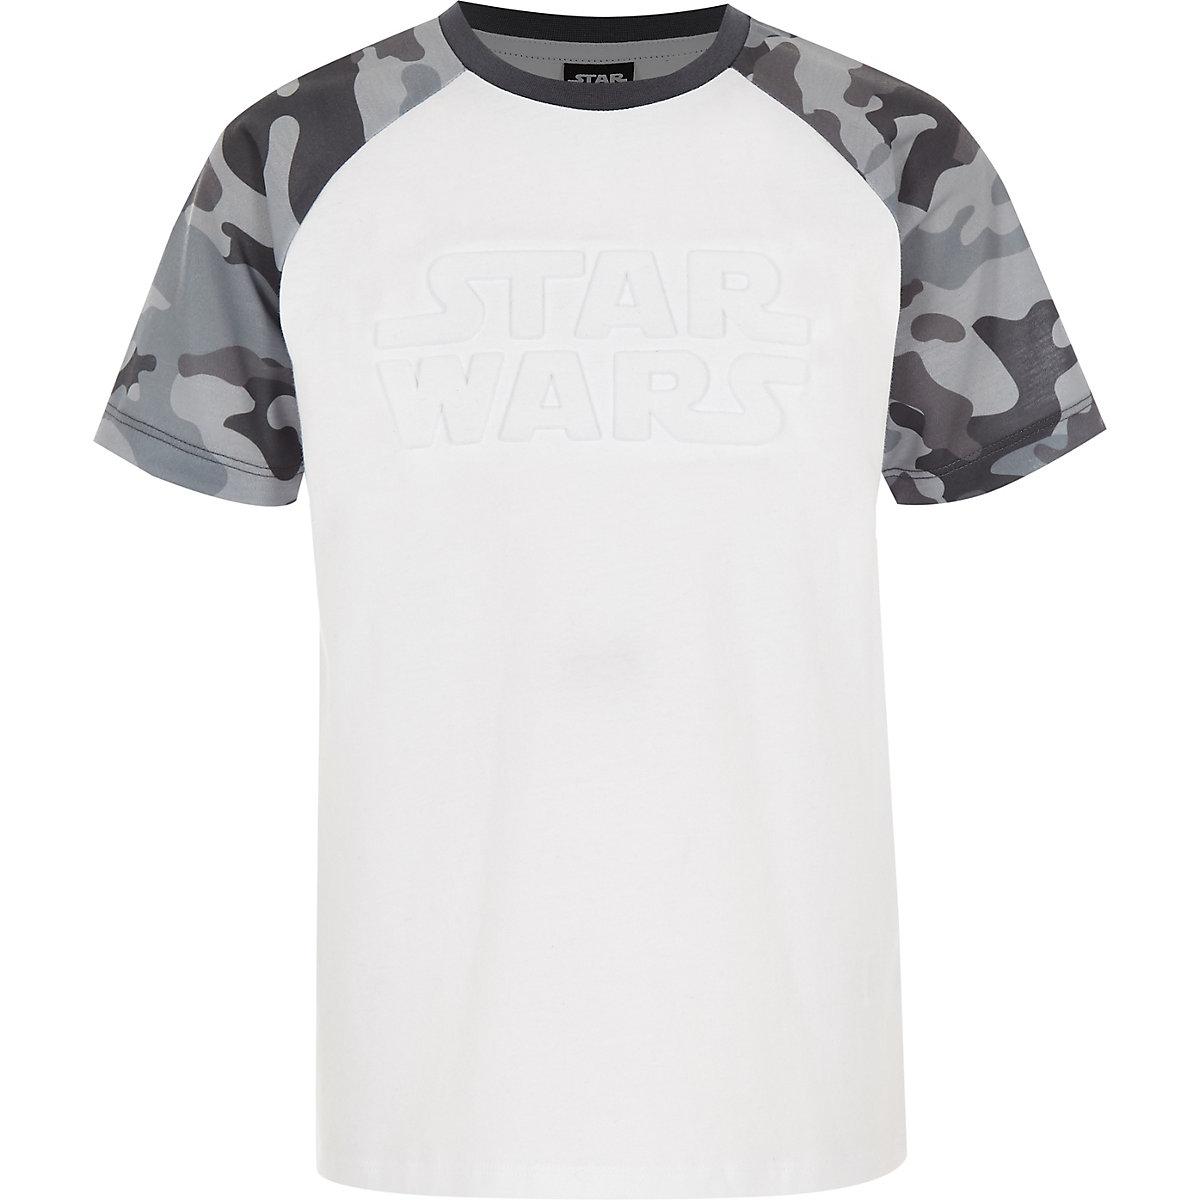 """Graues Camouflage-T-Shirt """"Star Wars"""" mit Raglanärmeln"""